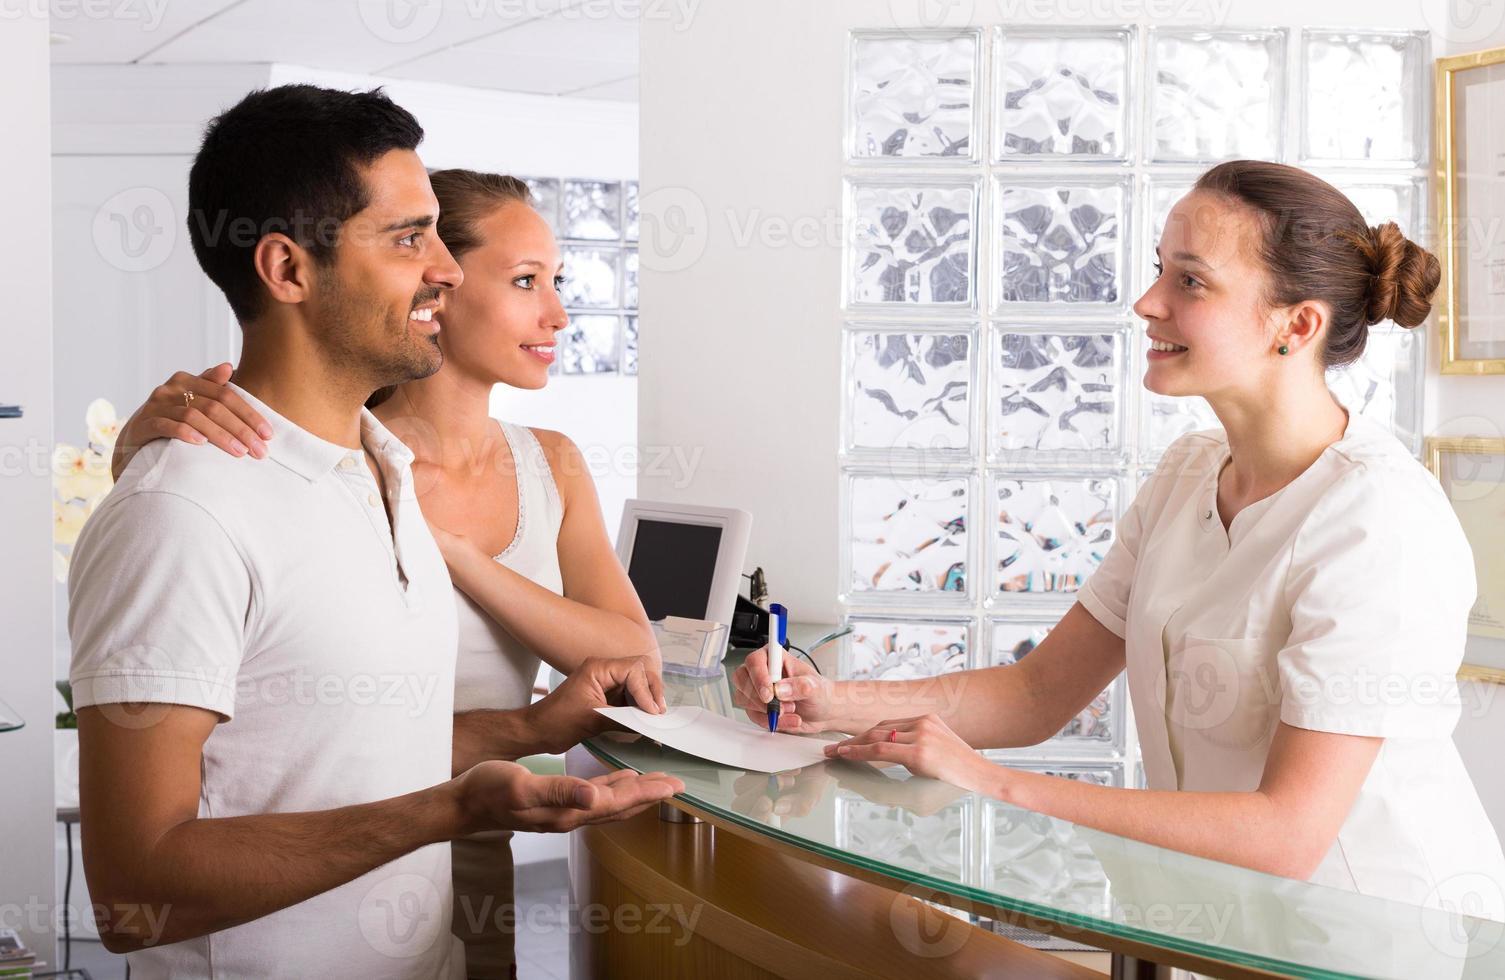 koppel met receptioniste bij kliniek foto